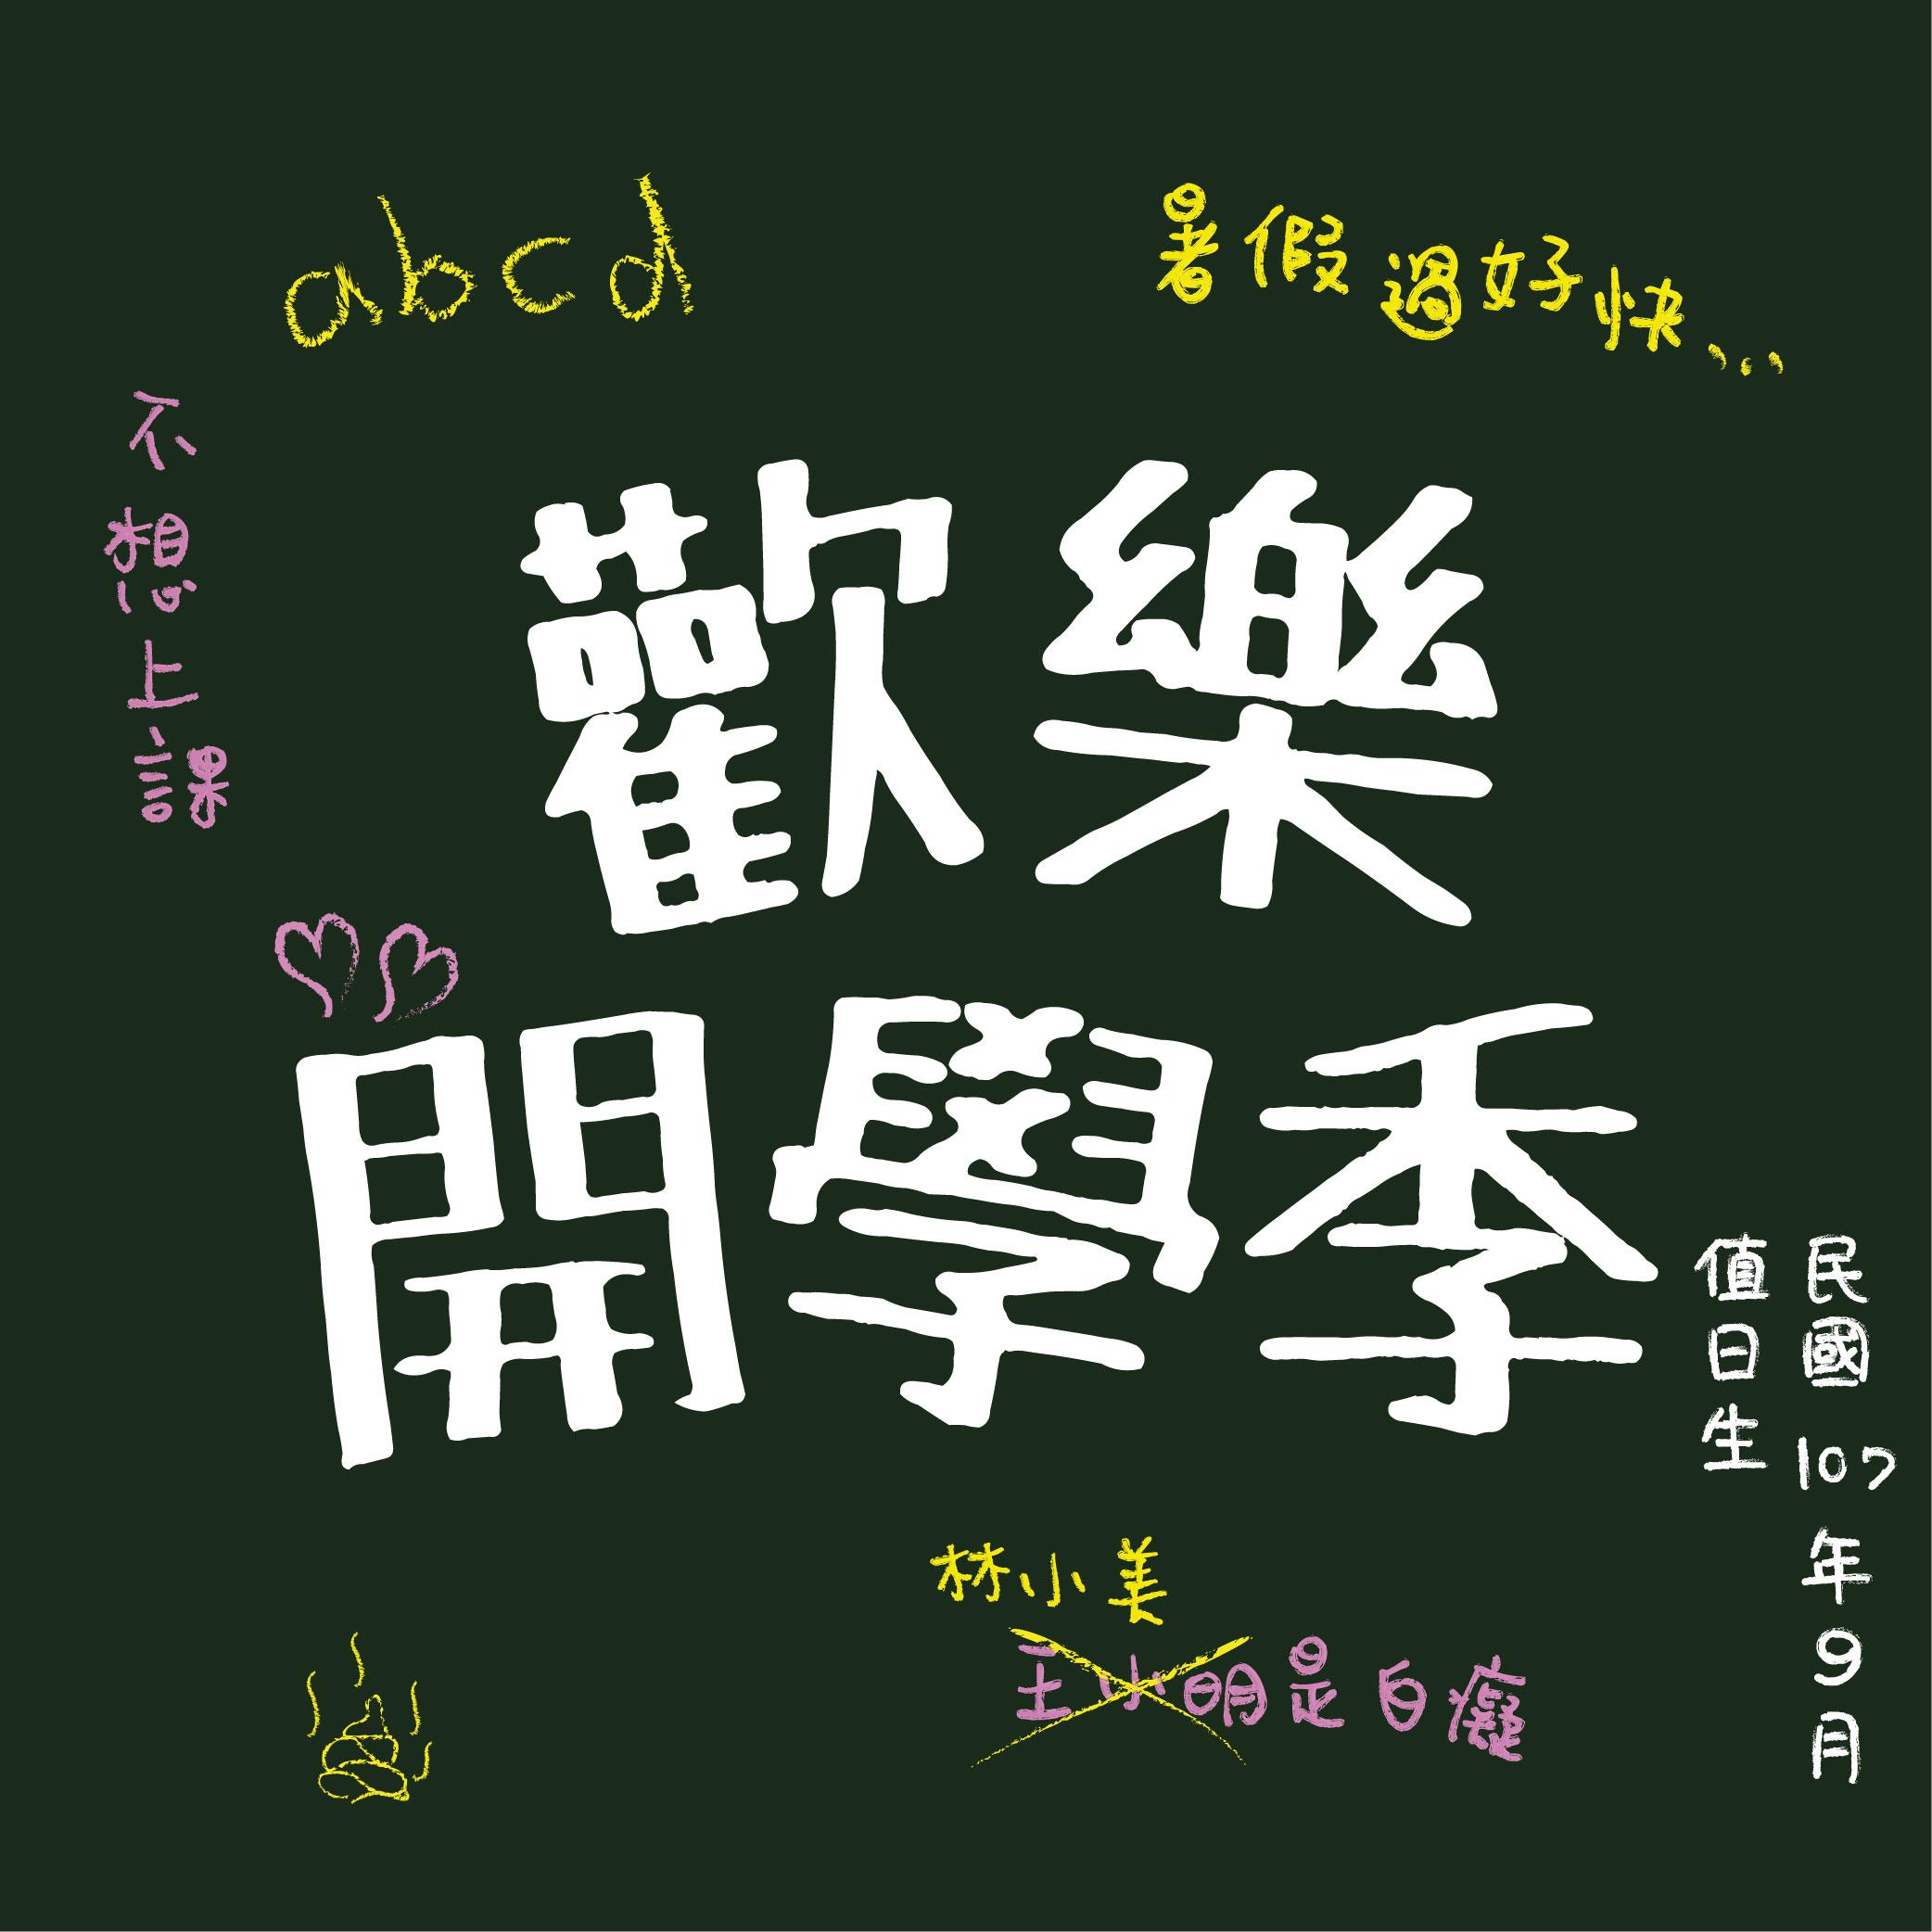 開學季主視覺-01.jpg